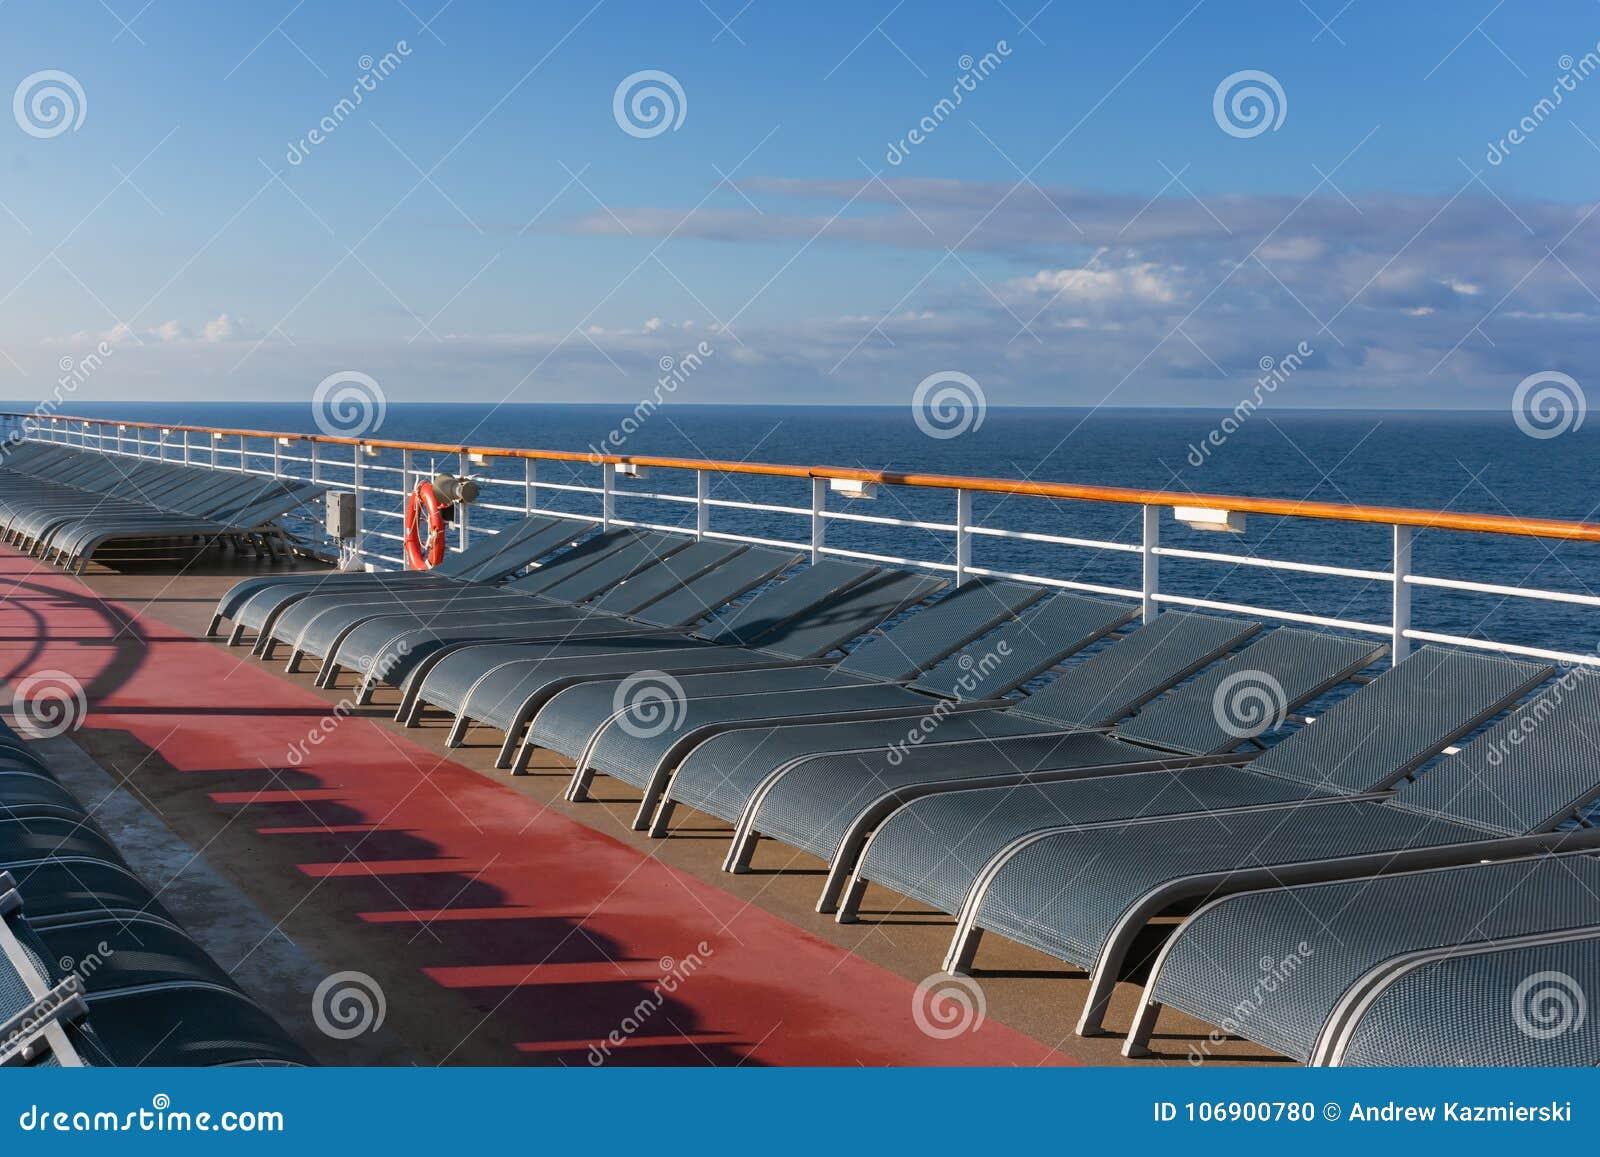 Holów krzesła na statku wycieczkowym